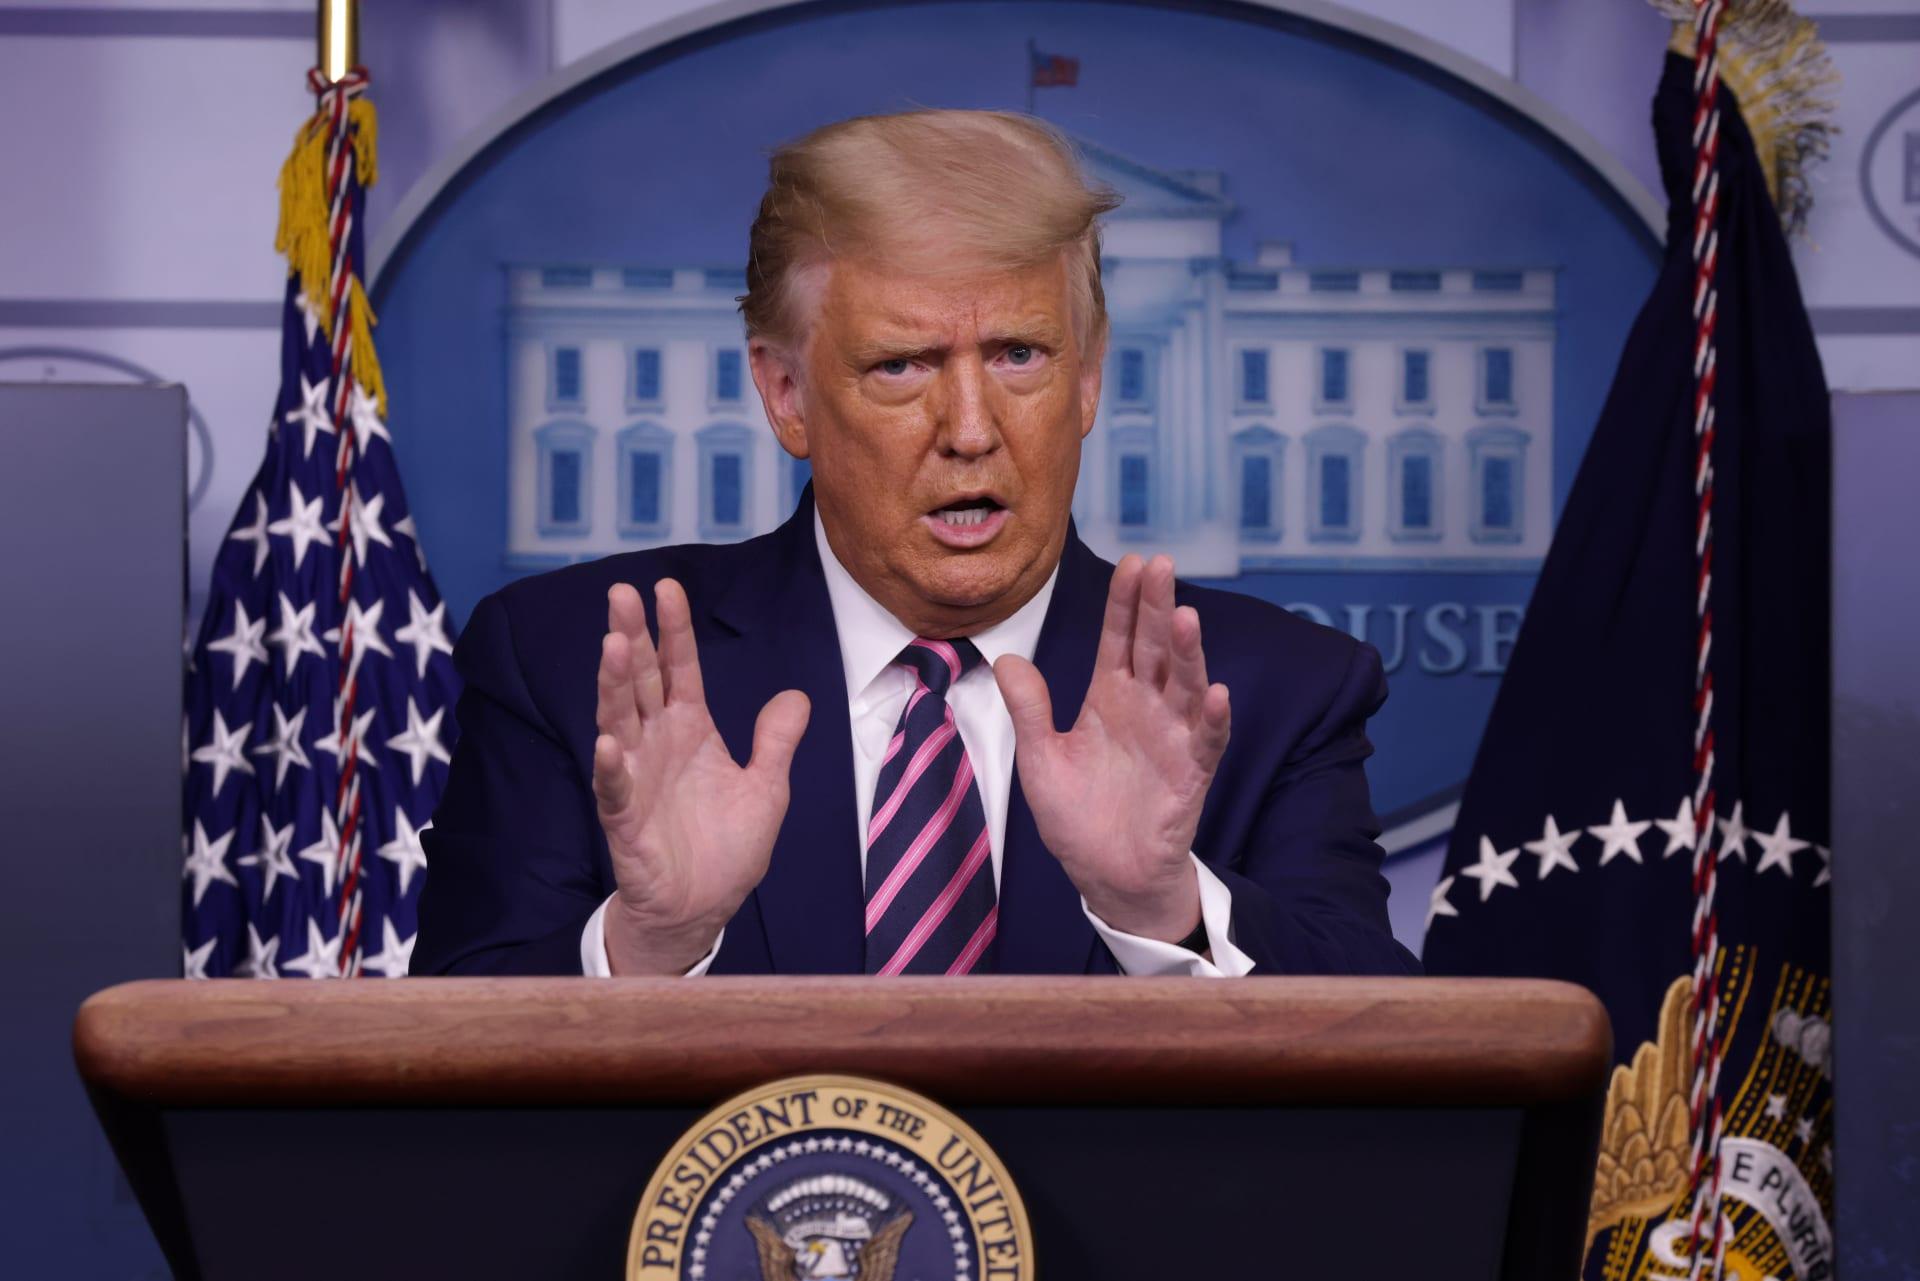 اعتراض طرد مُرسل لترامب في البيت الأبيض كان يحوي مادة شديدة السُمية